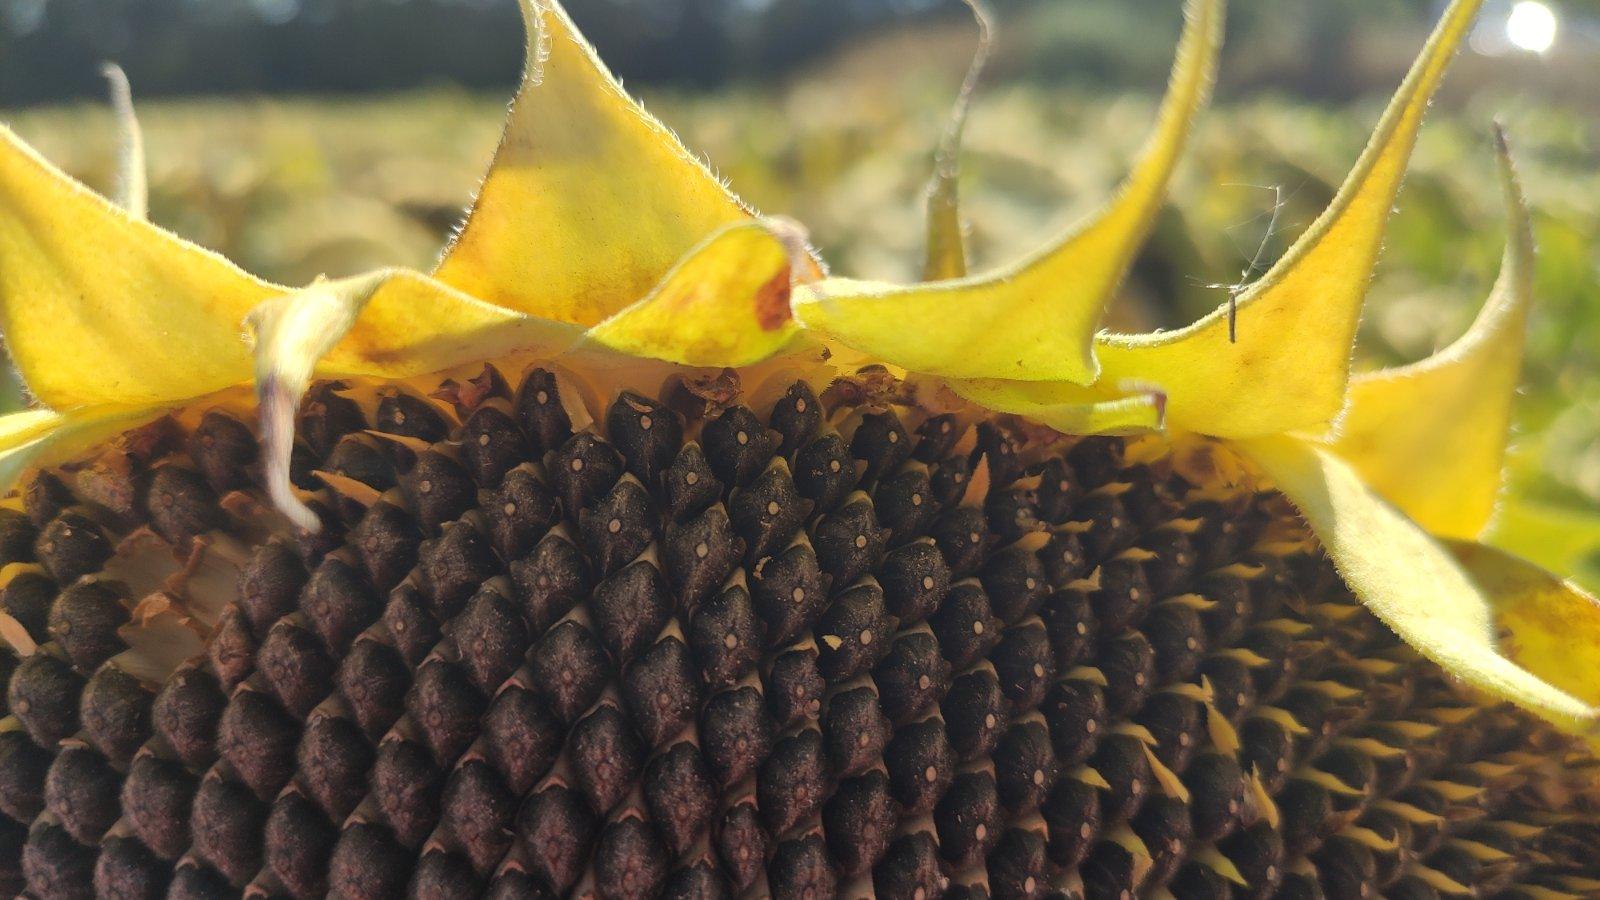 соняшник Приват, насіння соняшнику Сумо, купити насіння соняшнику під гранстар Приват, соняшник 7 + рас стійкості до вовчка